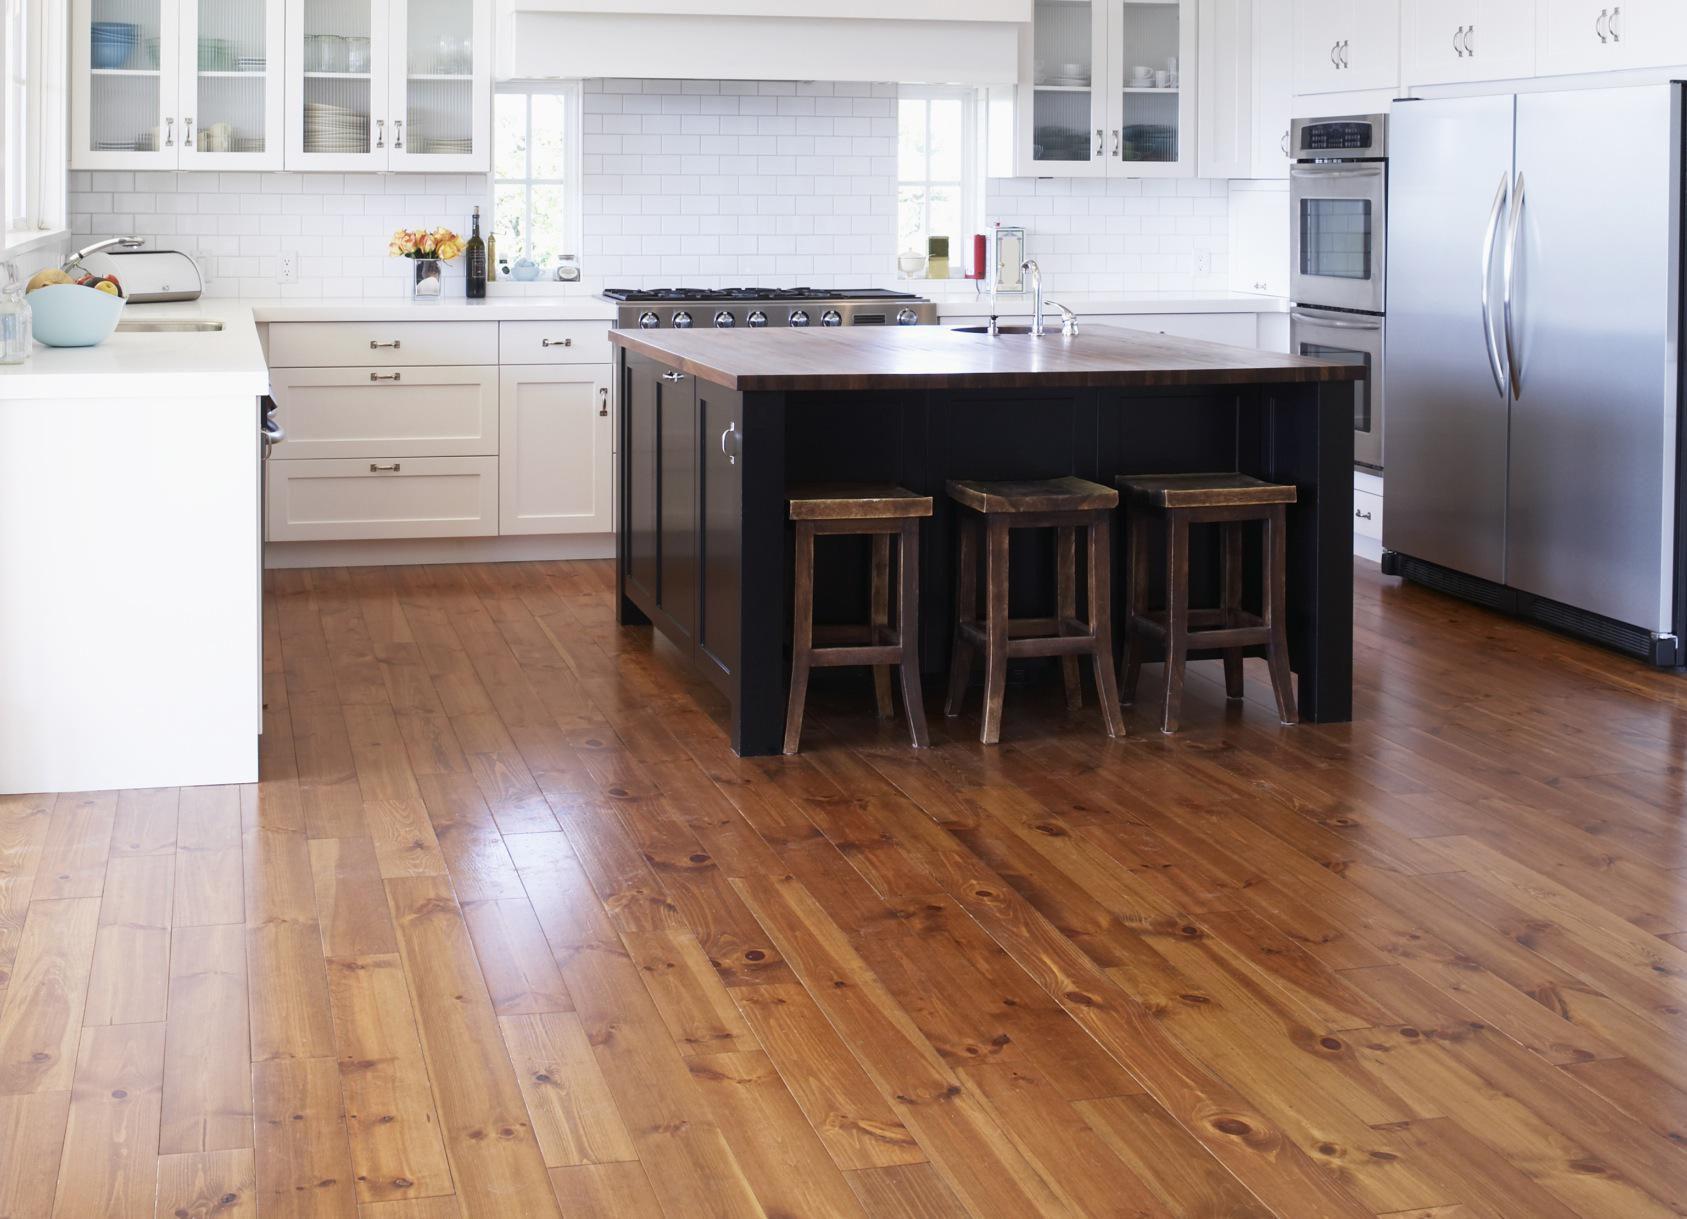 desain lantai dapur minimalis dengan kabinet dapur warna putih